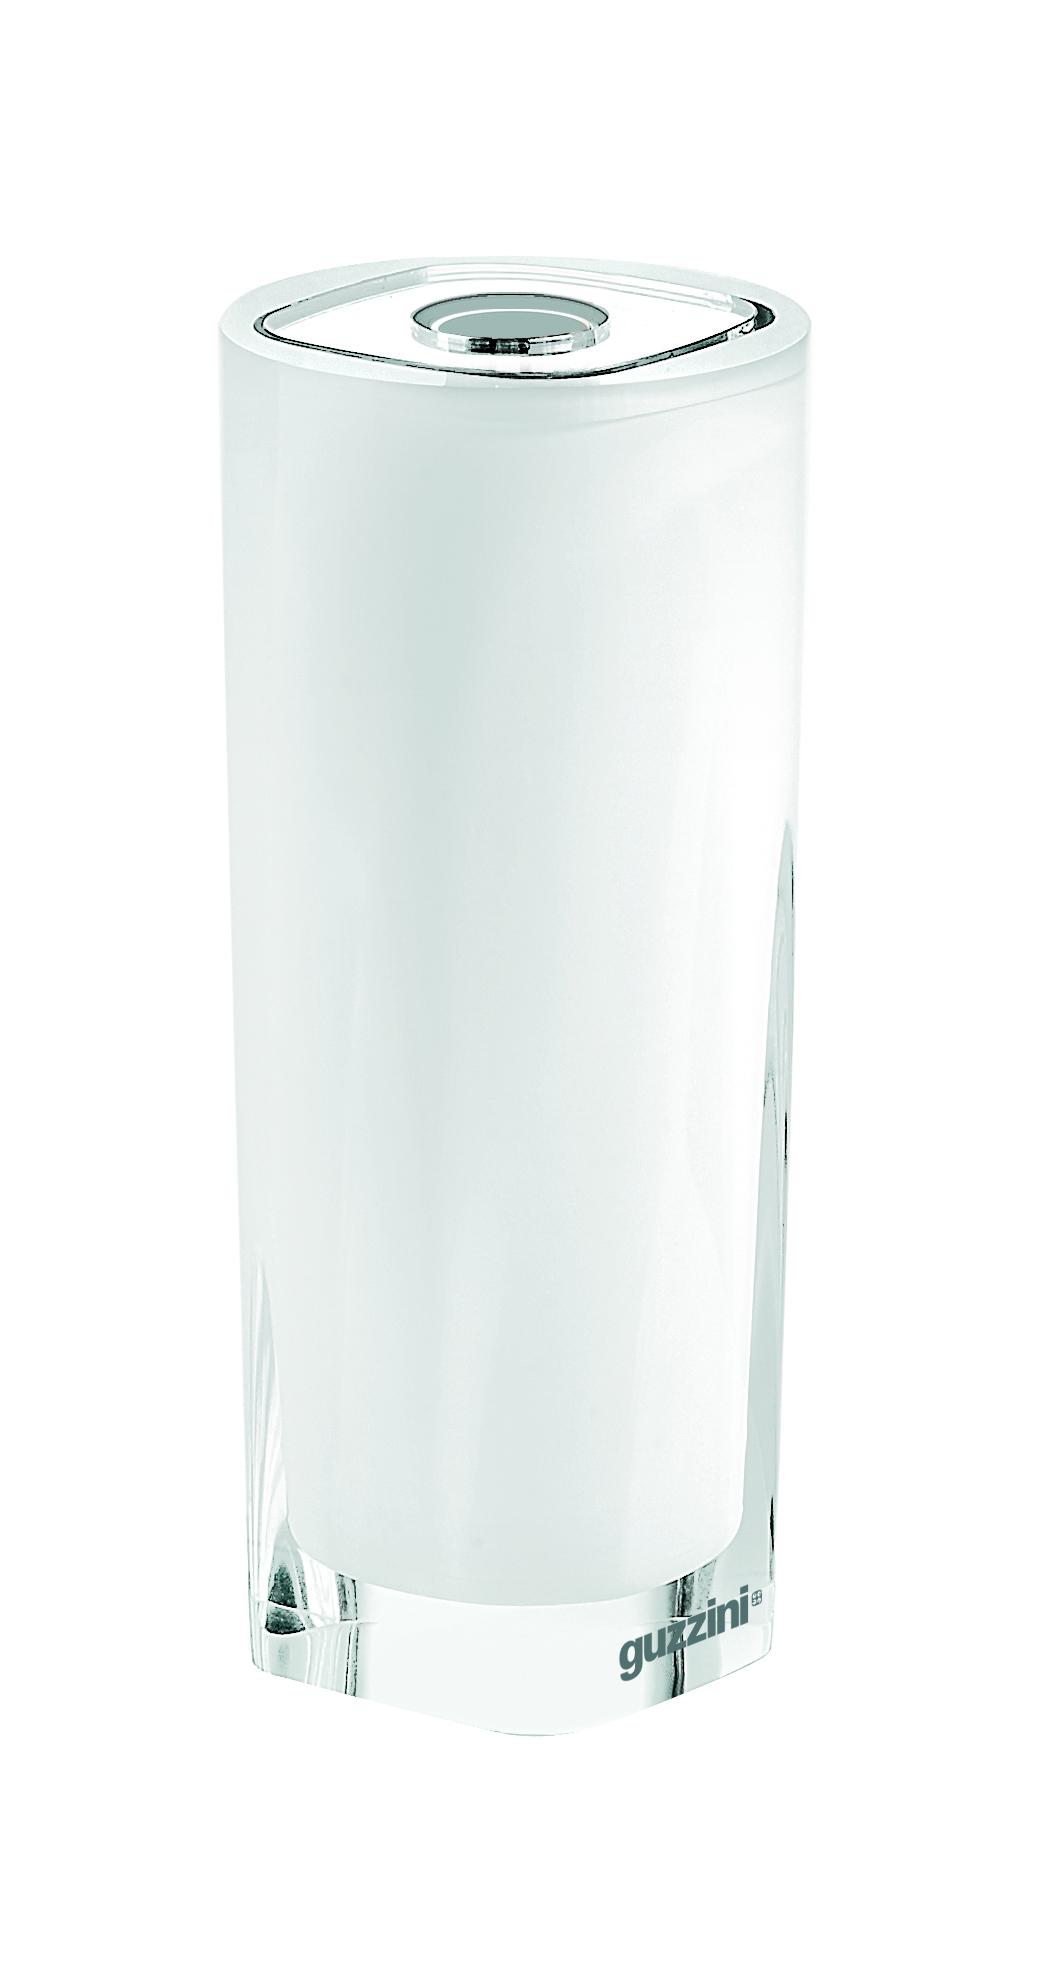 Guzzini vaso diffusore aromi bianco arredamento for Diffusore aromi ikea